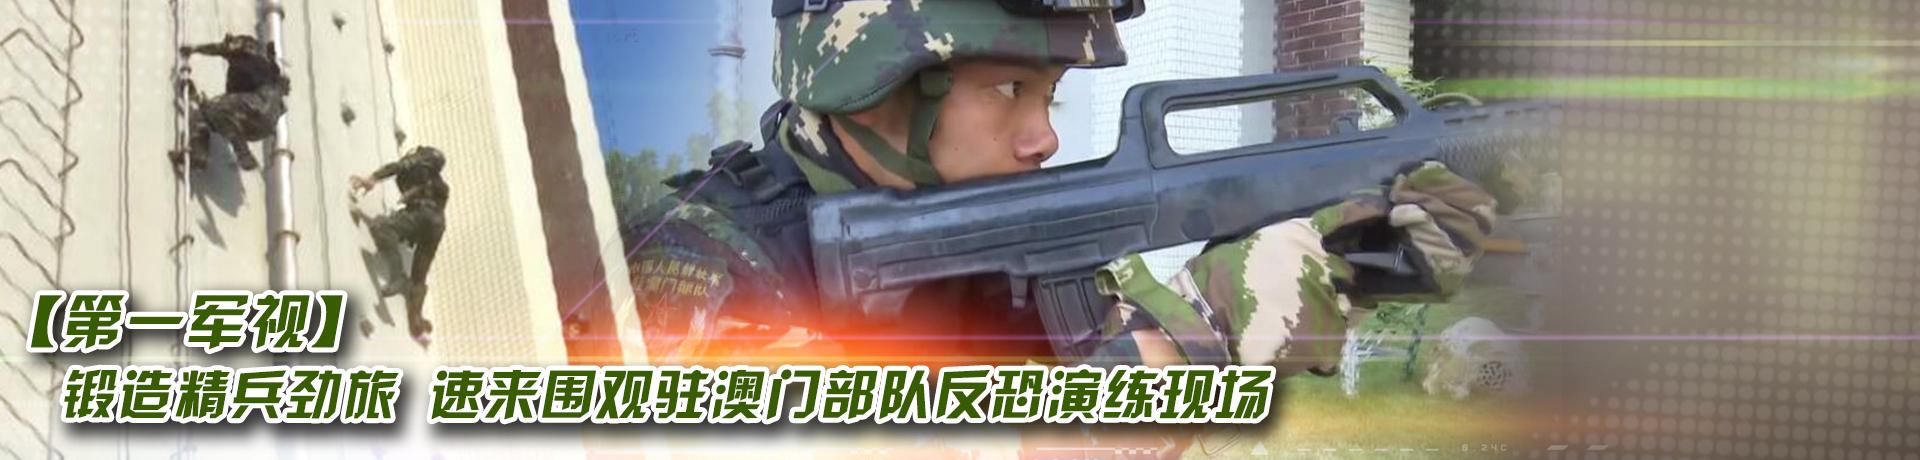 【第一军视】锻造精兵劲旅 速来围观驻澳门部队反恐演练现场